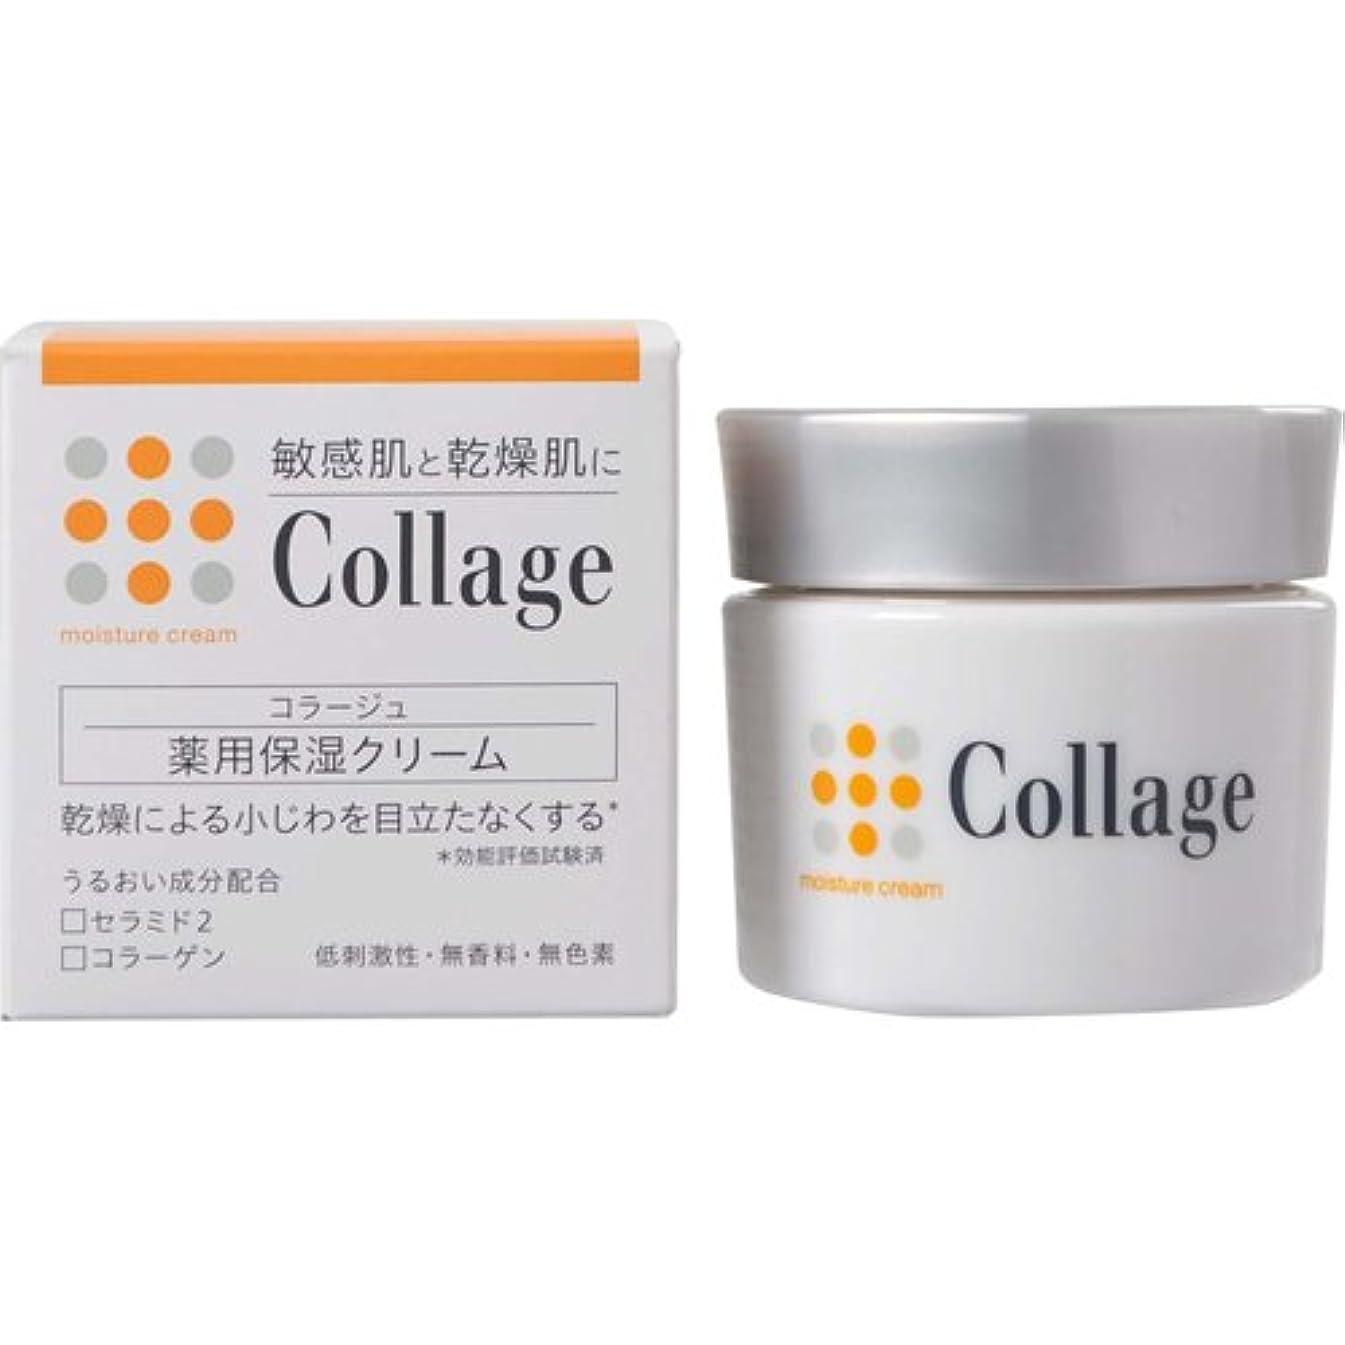 バーチャル信じられない悩むコラージュ 薬用保湿クリーム 30g 【医薬部外品】